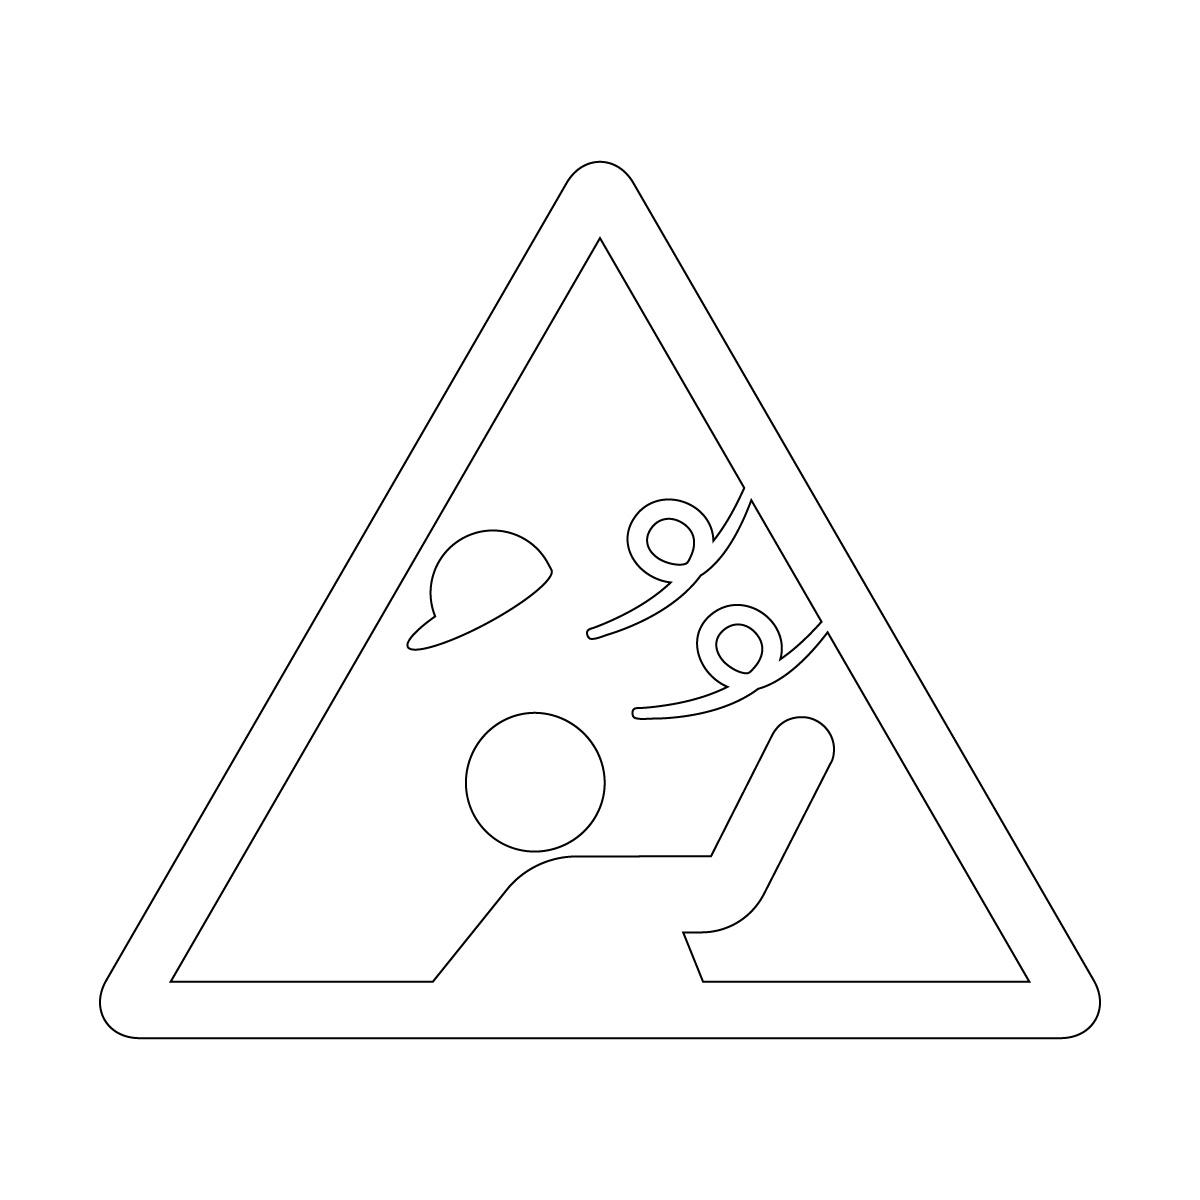 白色の強風注意マークのカッティングステッカー・シール 光沢タイプ・防水・耐水・屋外耐候3~4年